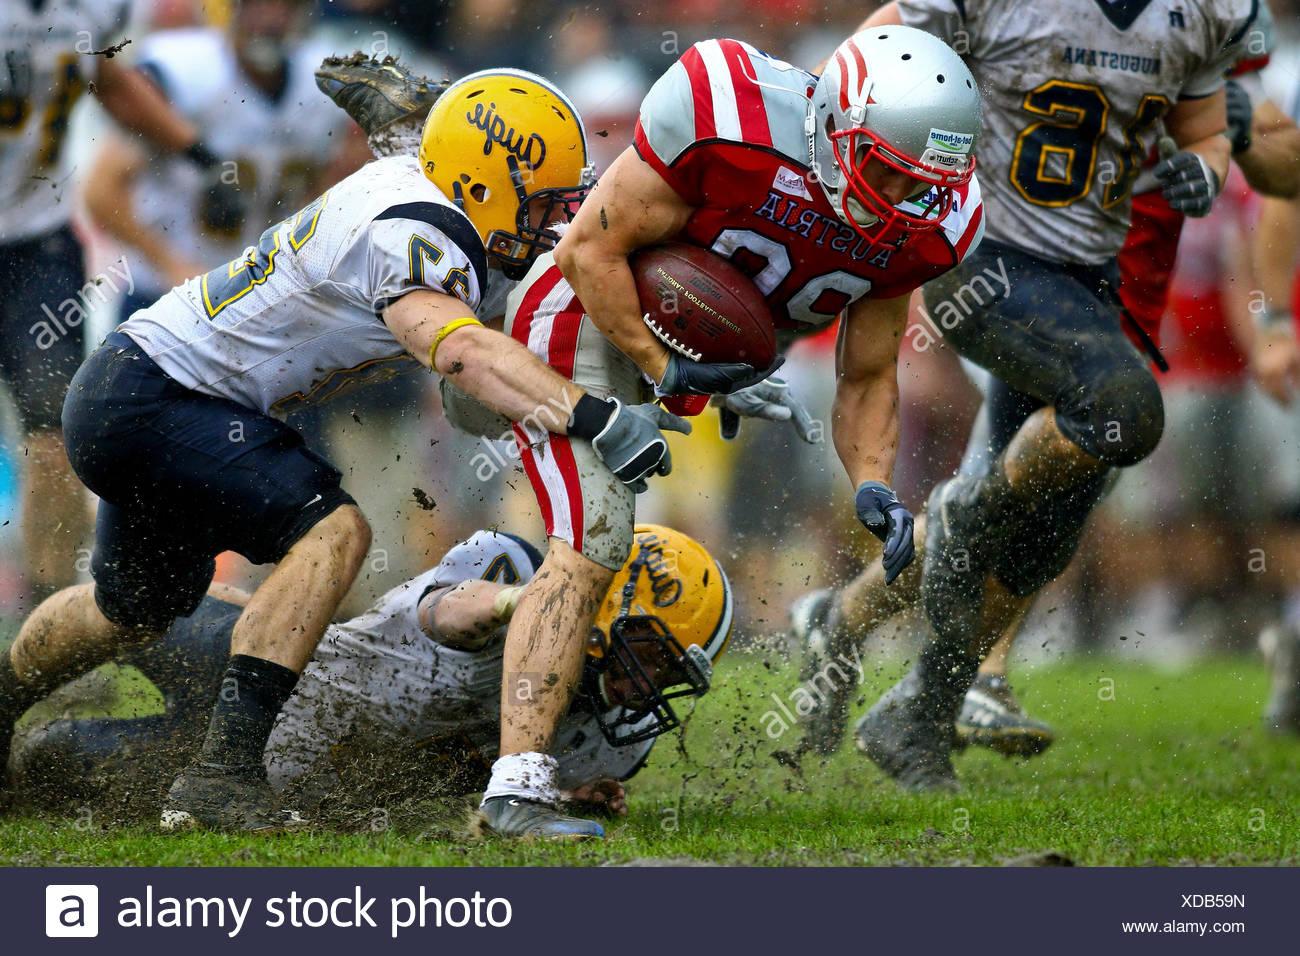 L'équipe de football américain, l'Autriche contre l'Augustana Vikings jouant dans l'organisme de bienfaisance Bol XII, Hohe Warte Stadium, Vienne, Autriche Photo Stock